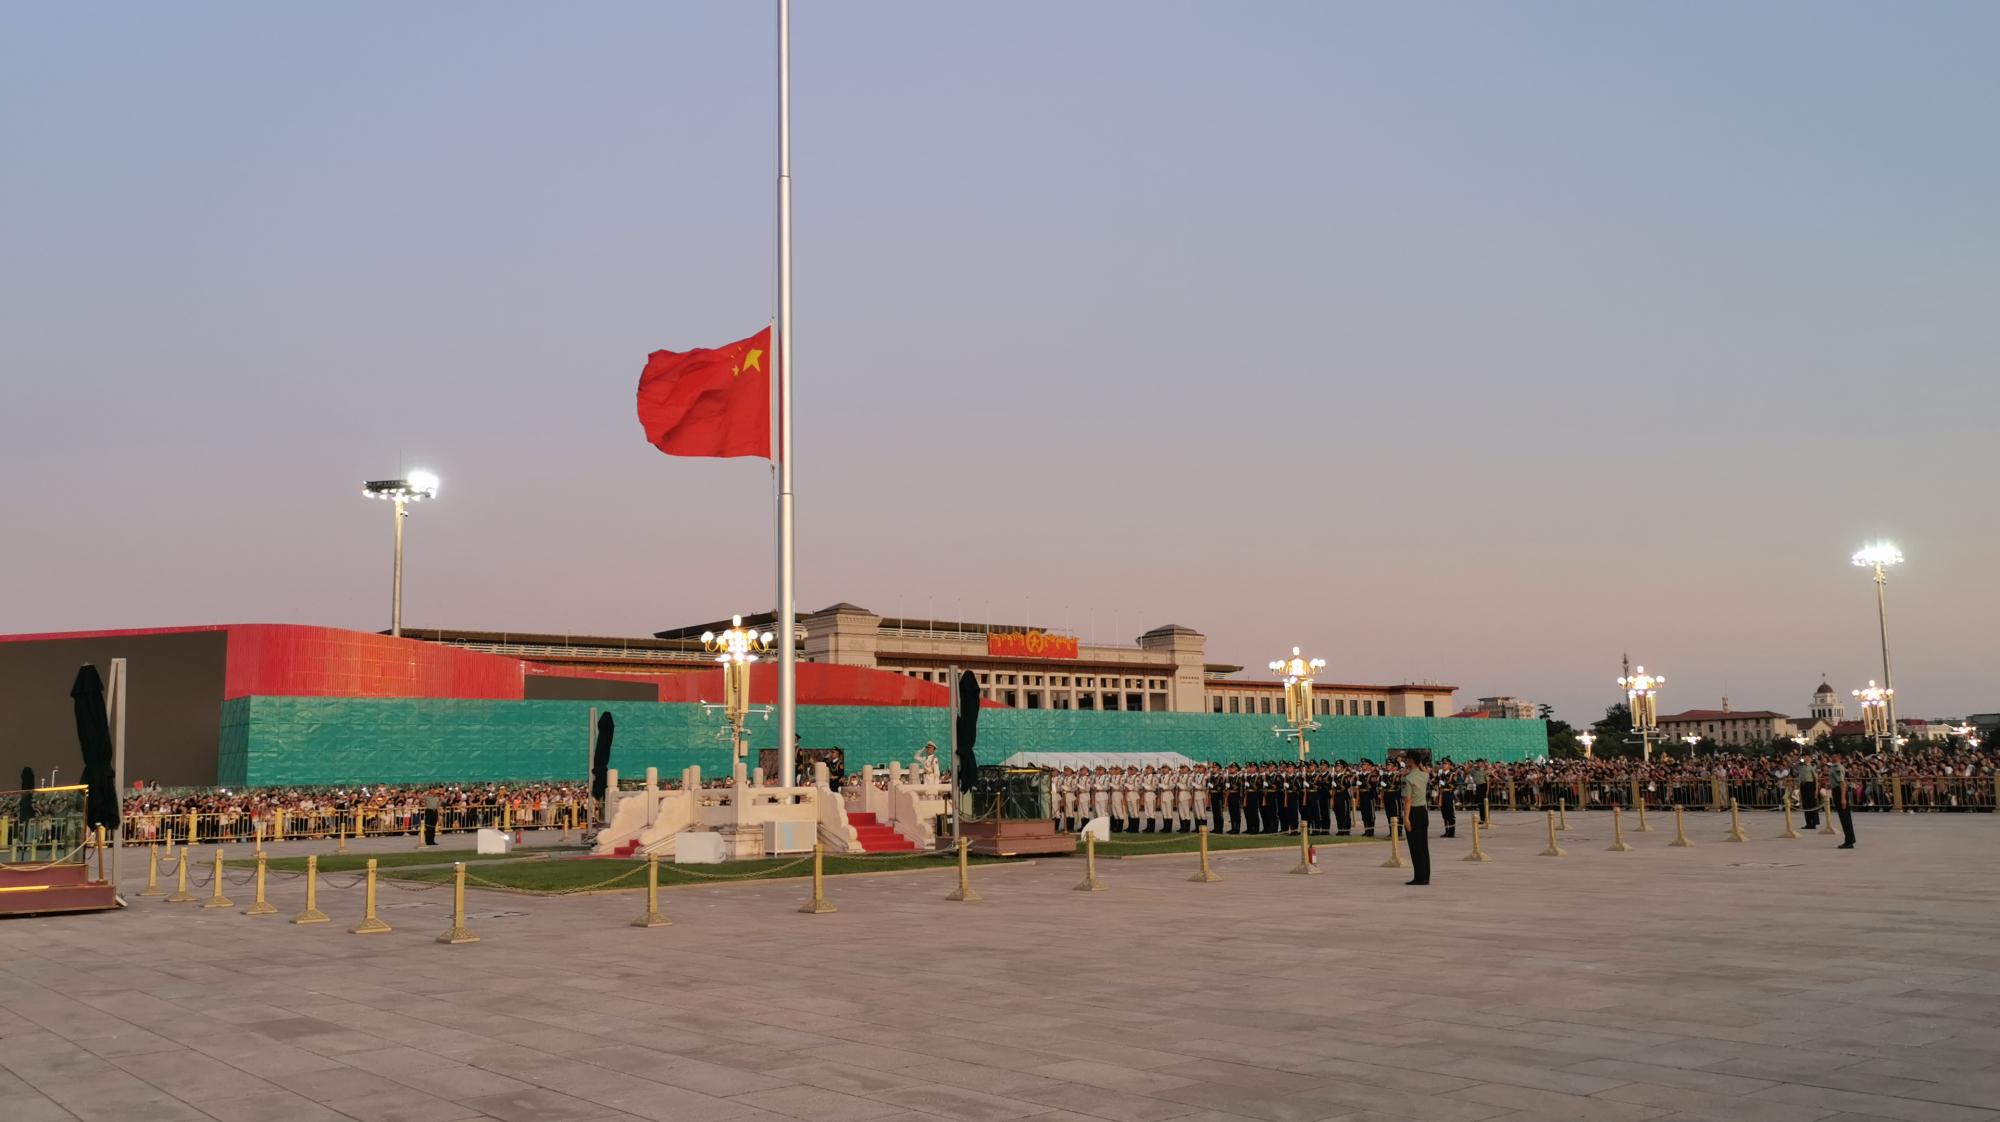 2019年8月30日18点47分,天安门广场降国旗仪式